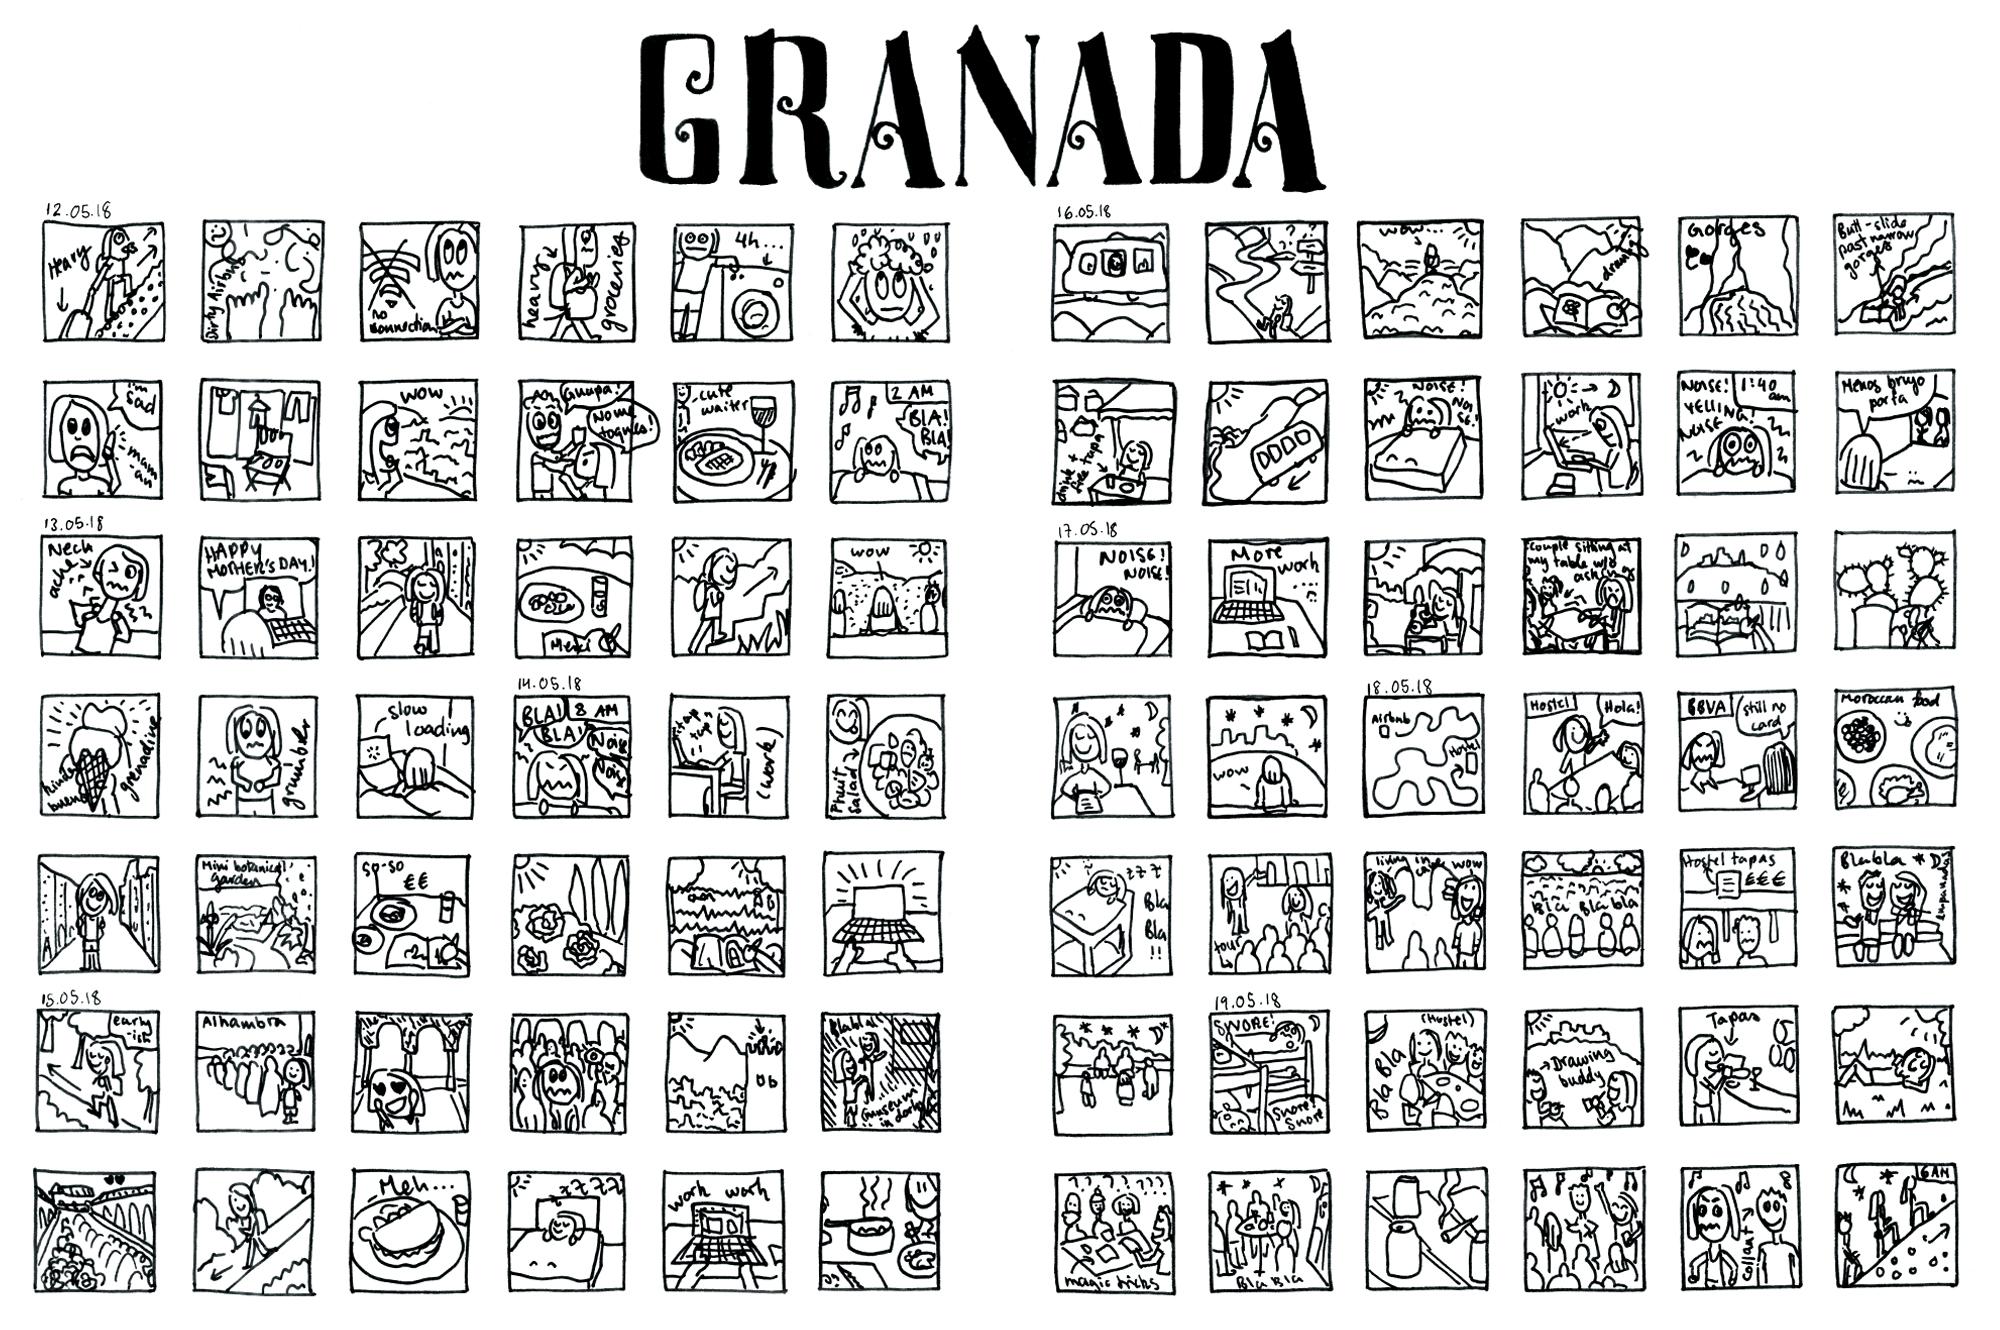 23_granada_comic_web.jpg